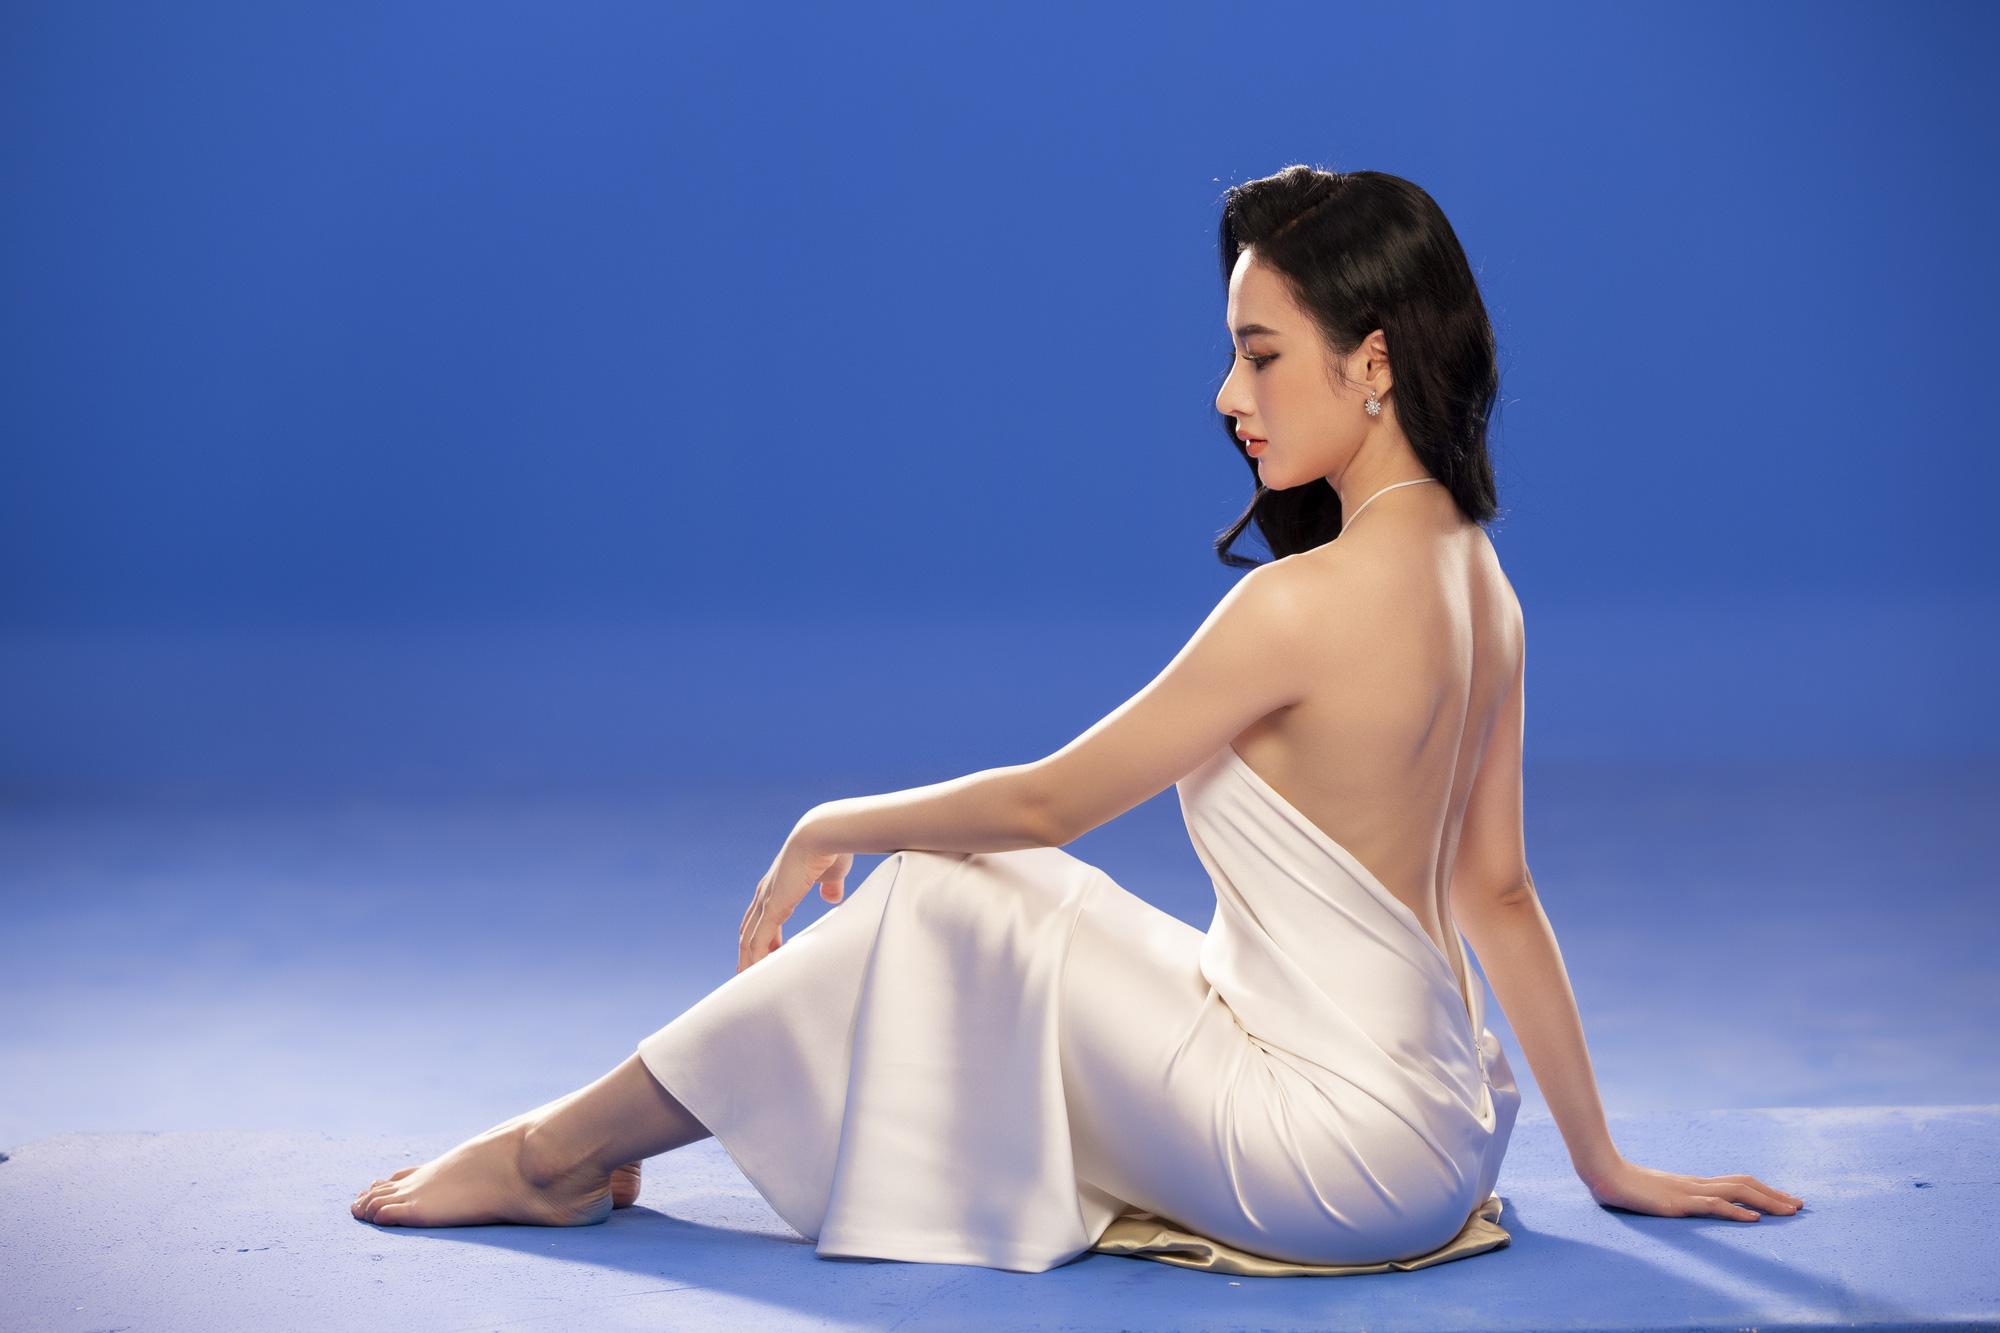 Angela Phương Trinh mặc áo yếm đẹp tựa nữ thần sau clip táo bạo dưới nước - Ảnh 3.